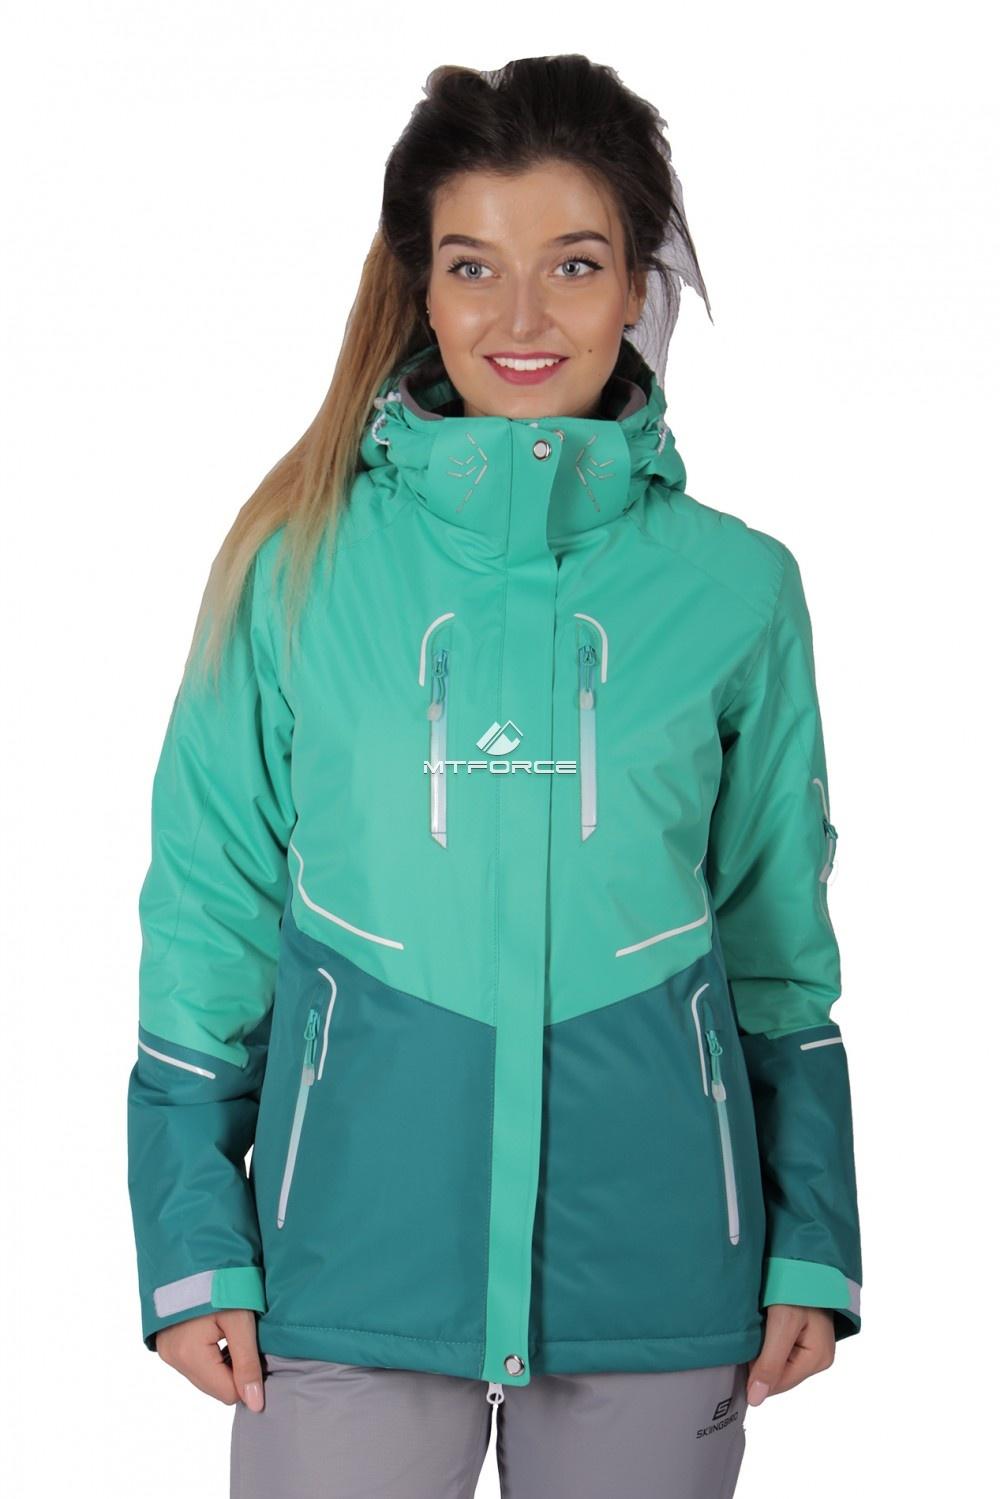 Купить                                  оптом Куртка спортивная женская осень весна зеленого цвета 1715Z в Новосибирске